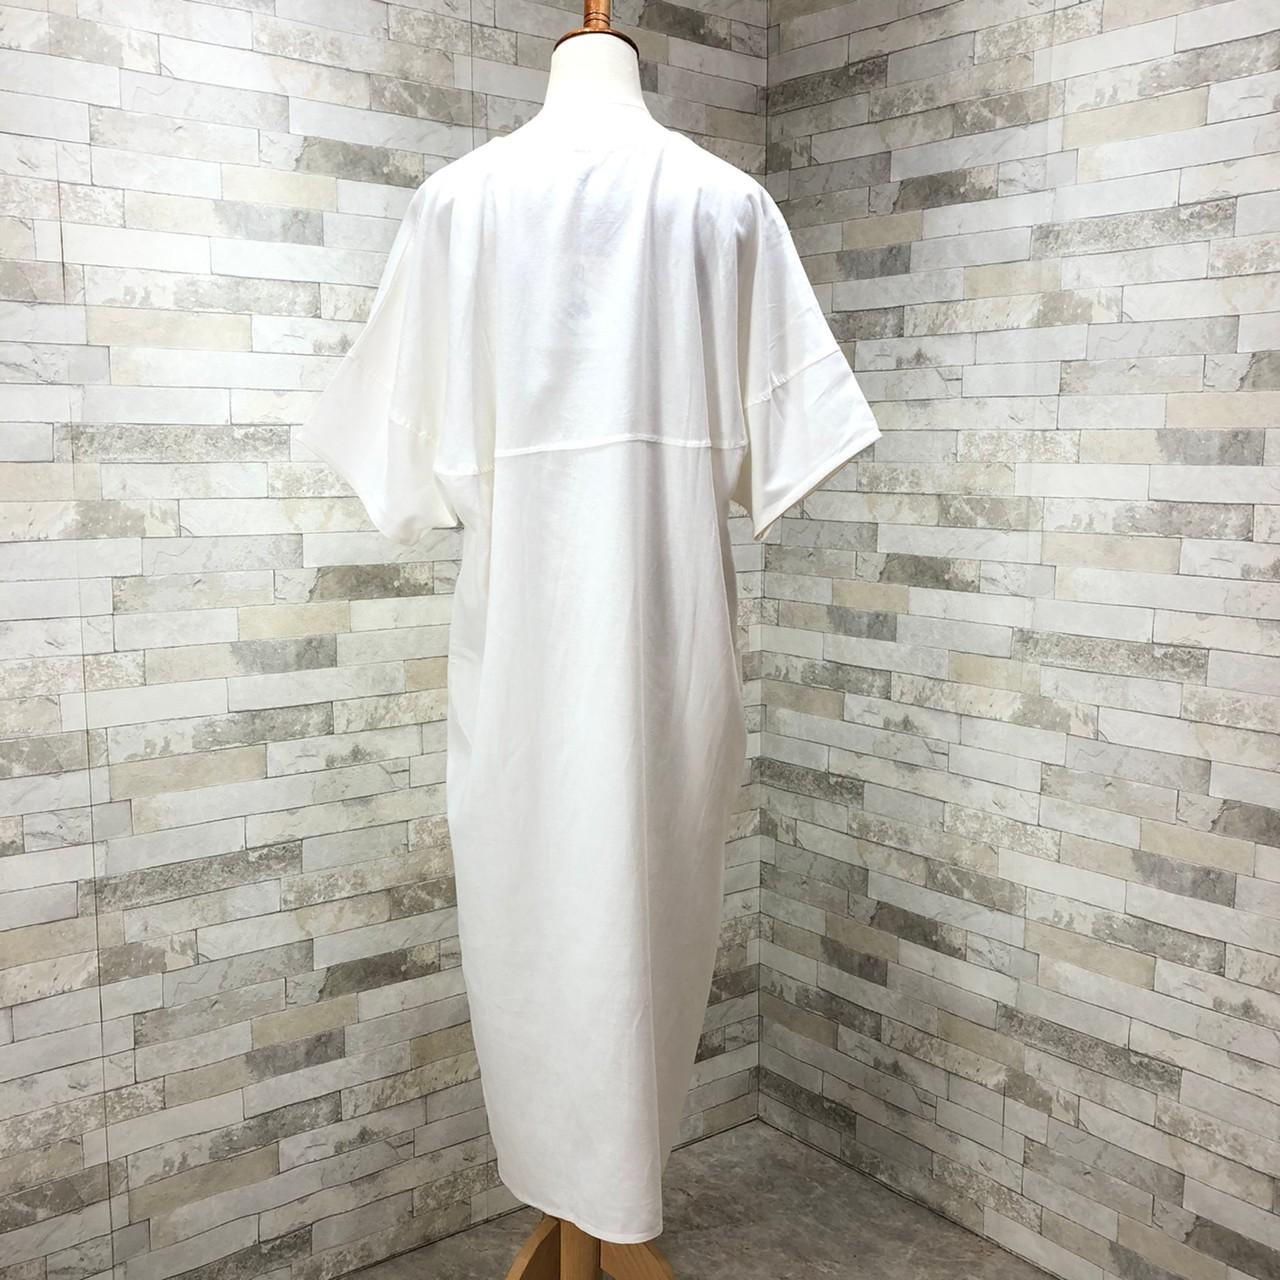 韓国 ファッション ワンピース 春 夏 カジュアル PTXI416  袖コンシャス ゆったり 体型カバー ラフ オルチャン シンプル 定番 セレカジの写真4枚目